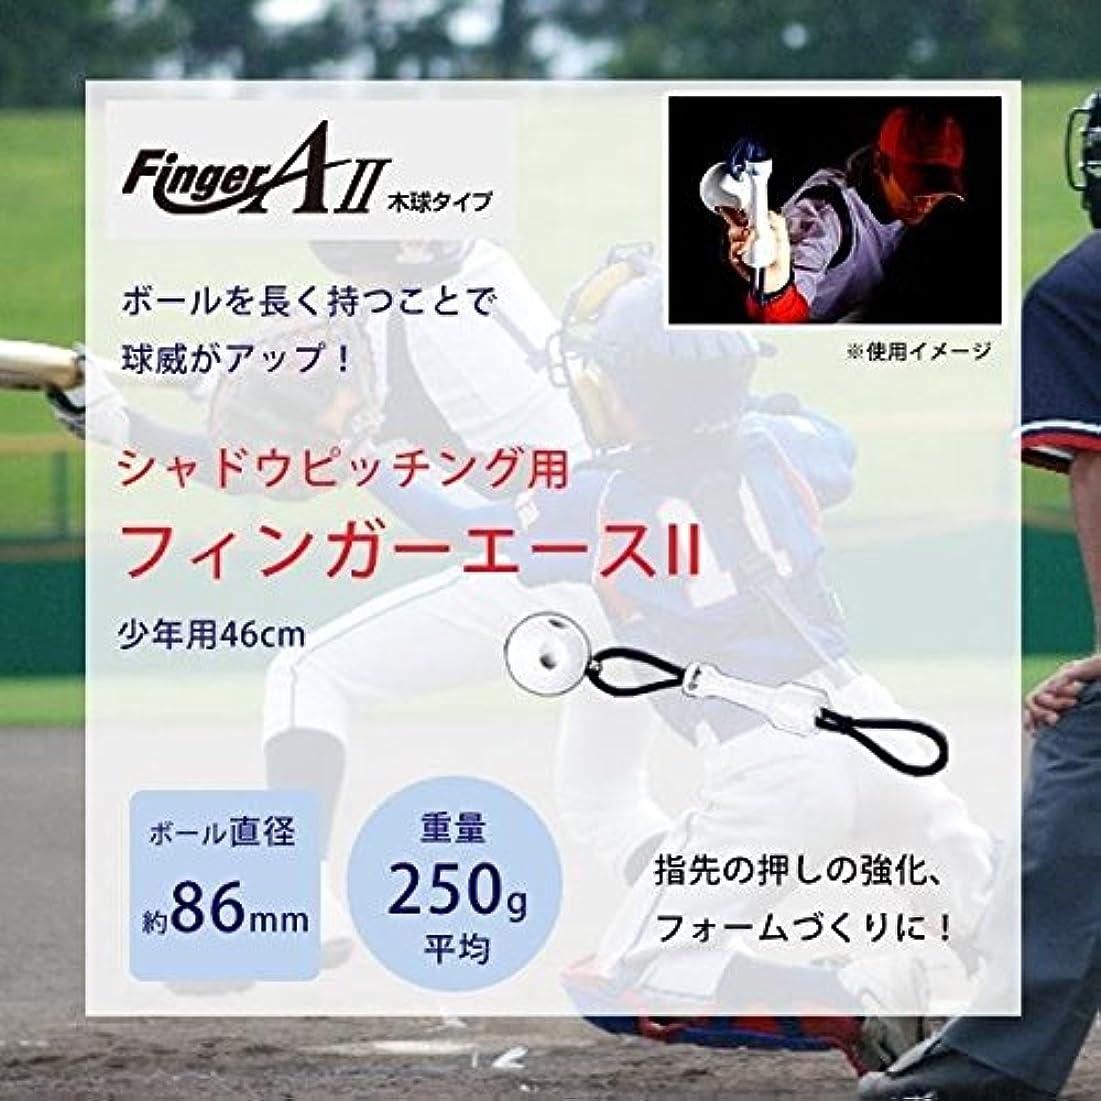 話をする男やもめ条件付きFinger AII(フィンガーエースII) 木球タイプ シャドウピッチング用 少年用46cm FAW-W46